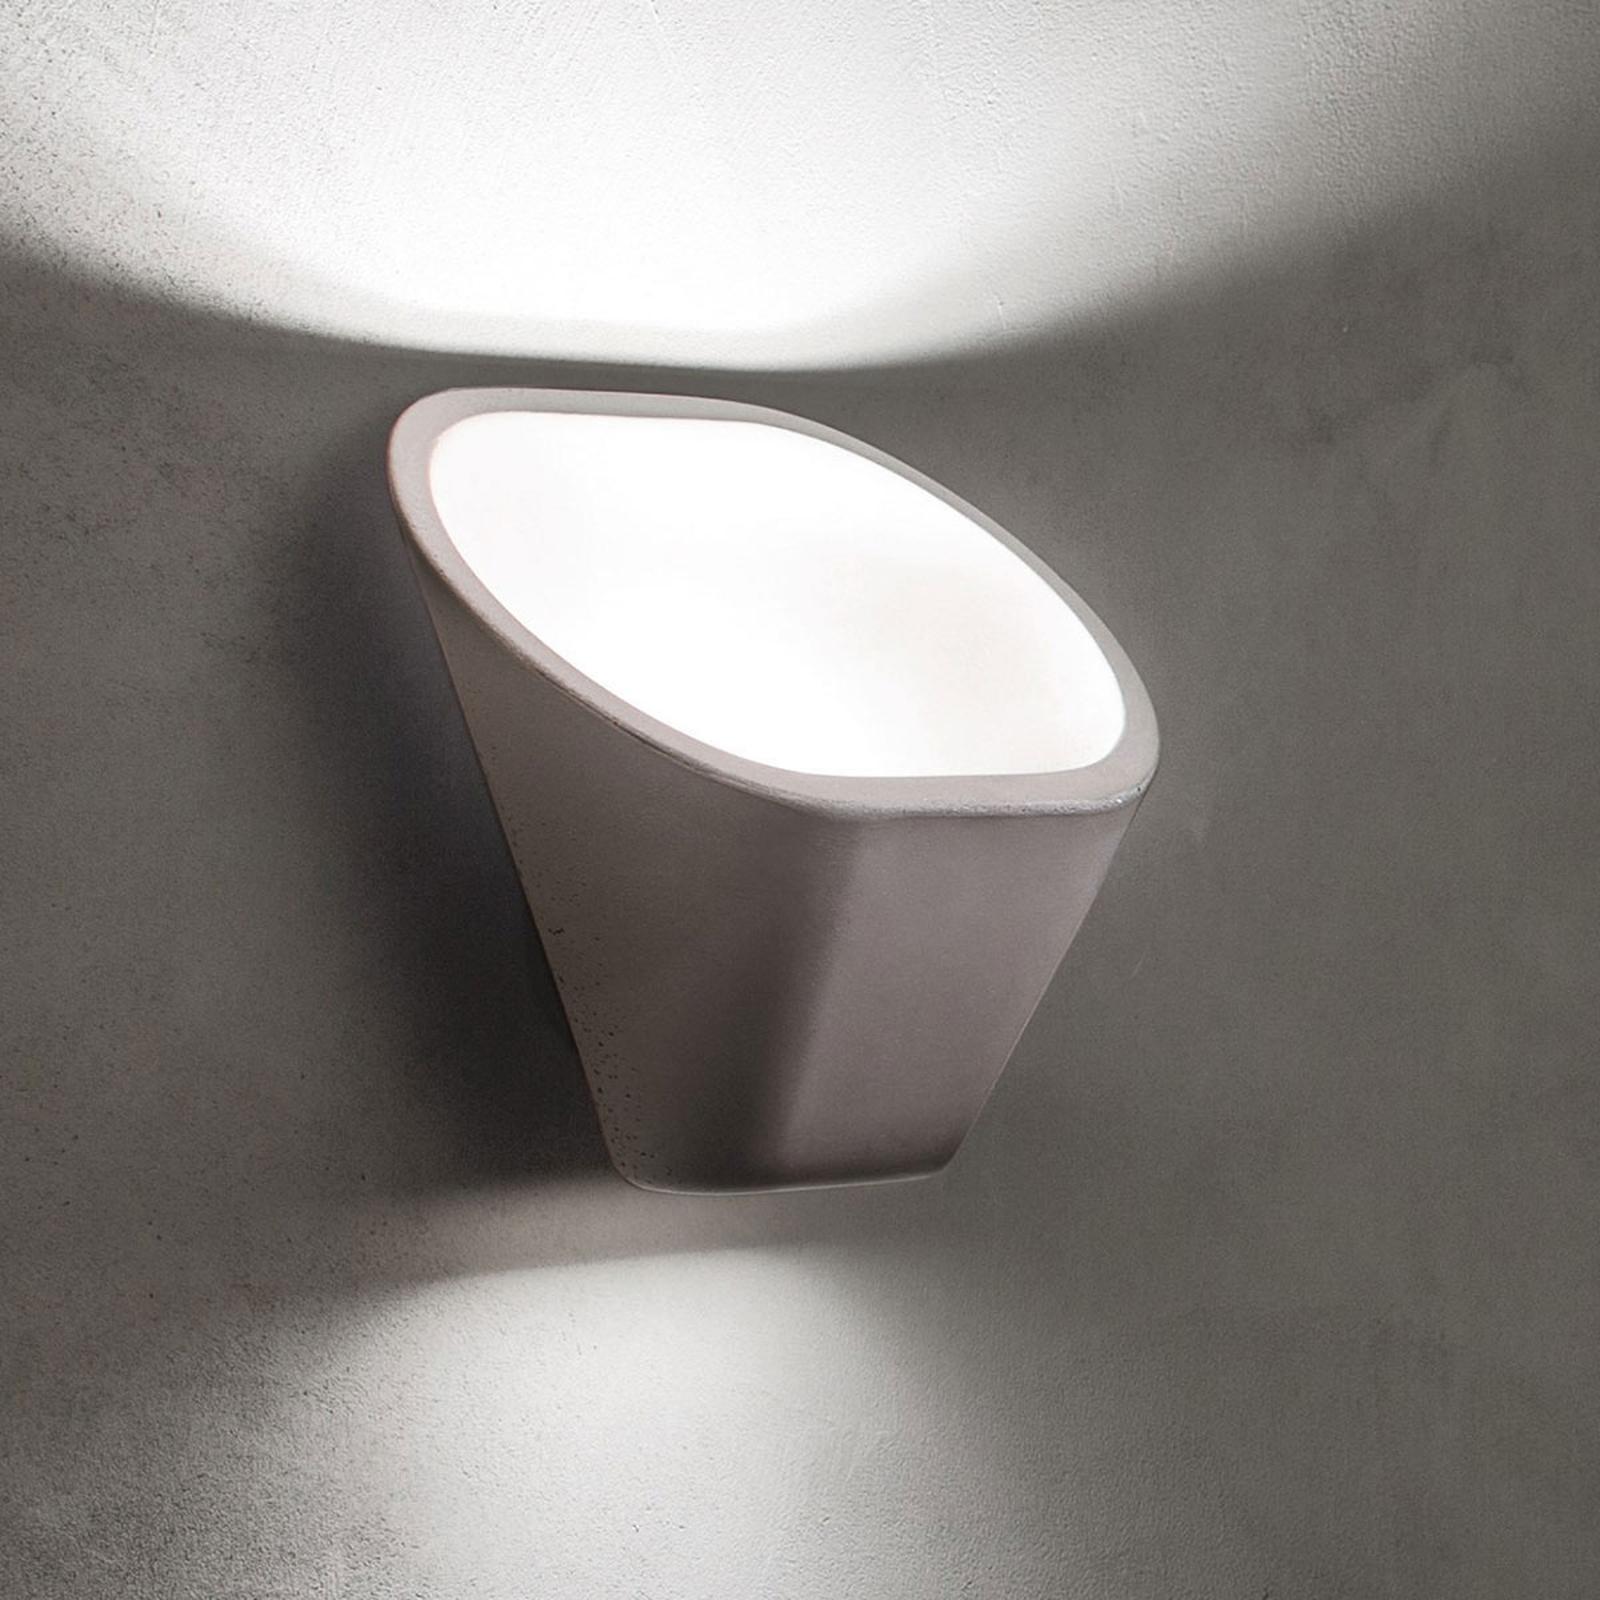 Foscarini Aplomb kinkiet LED, ściemniany, biały